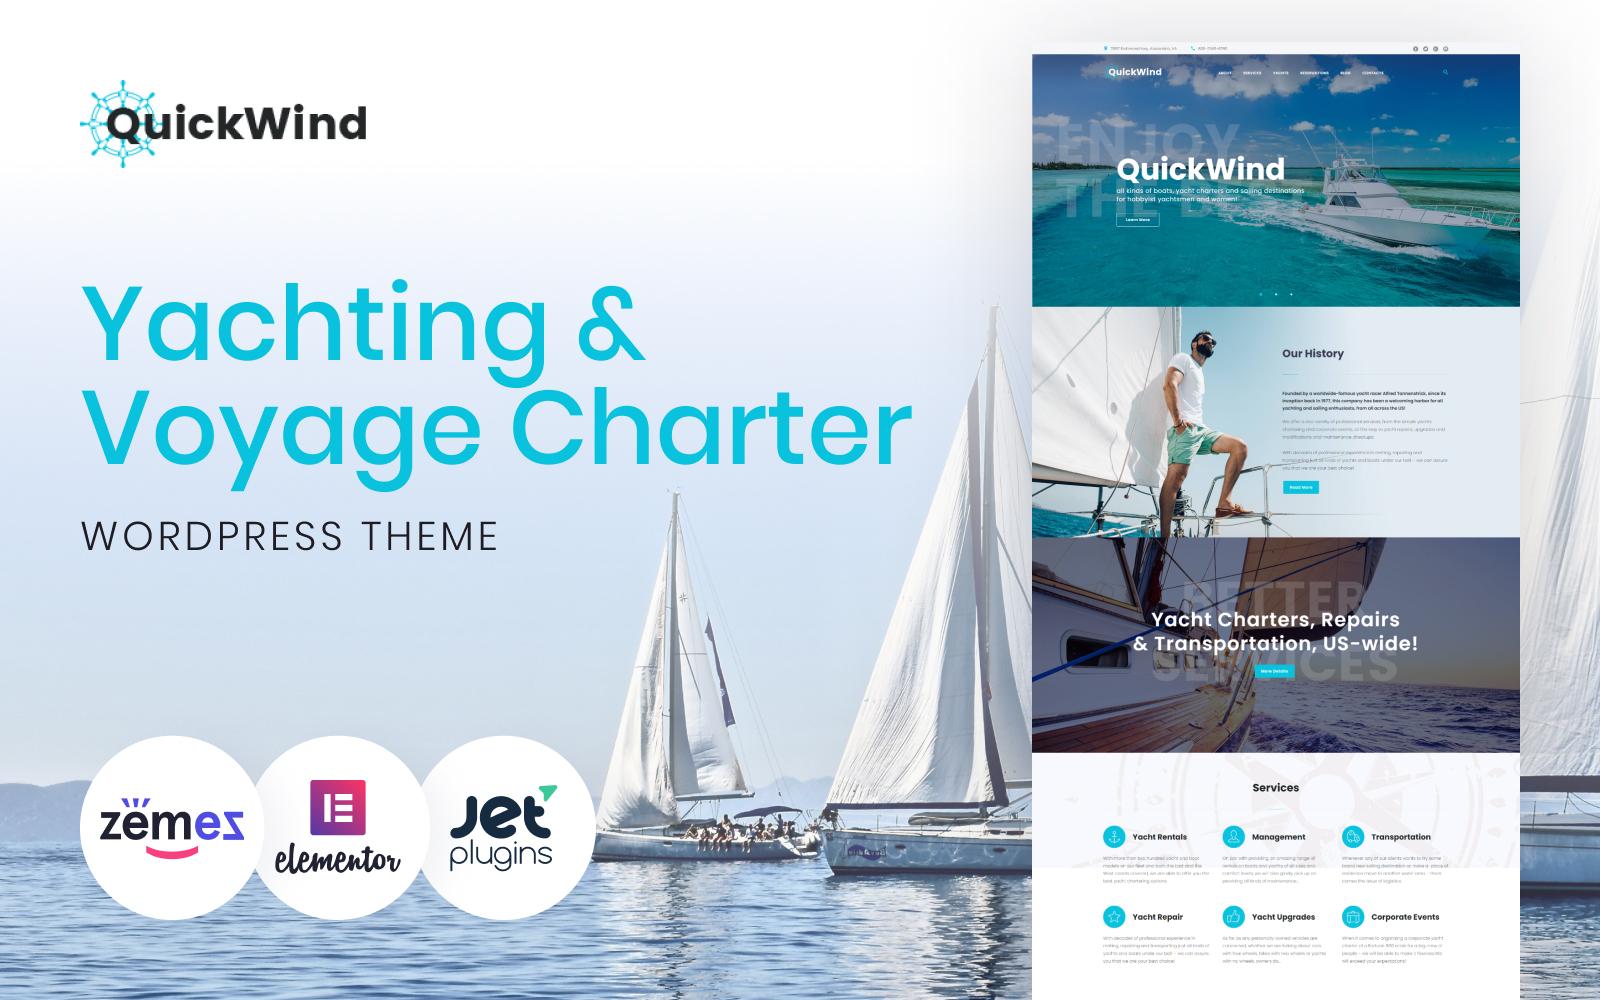 Reszponzív Yachting & Voyage Charter WordPress Theme - QuickWind WordPress sablon 62365